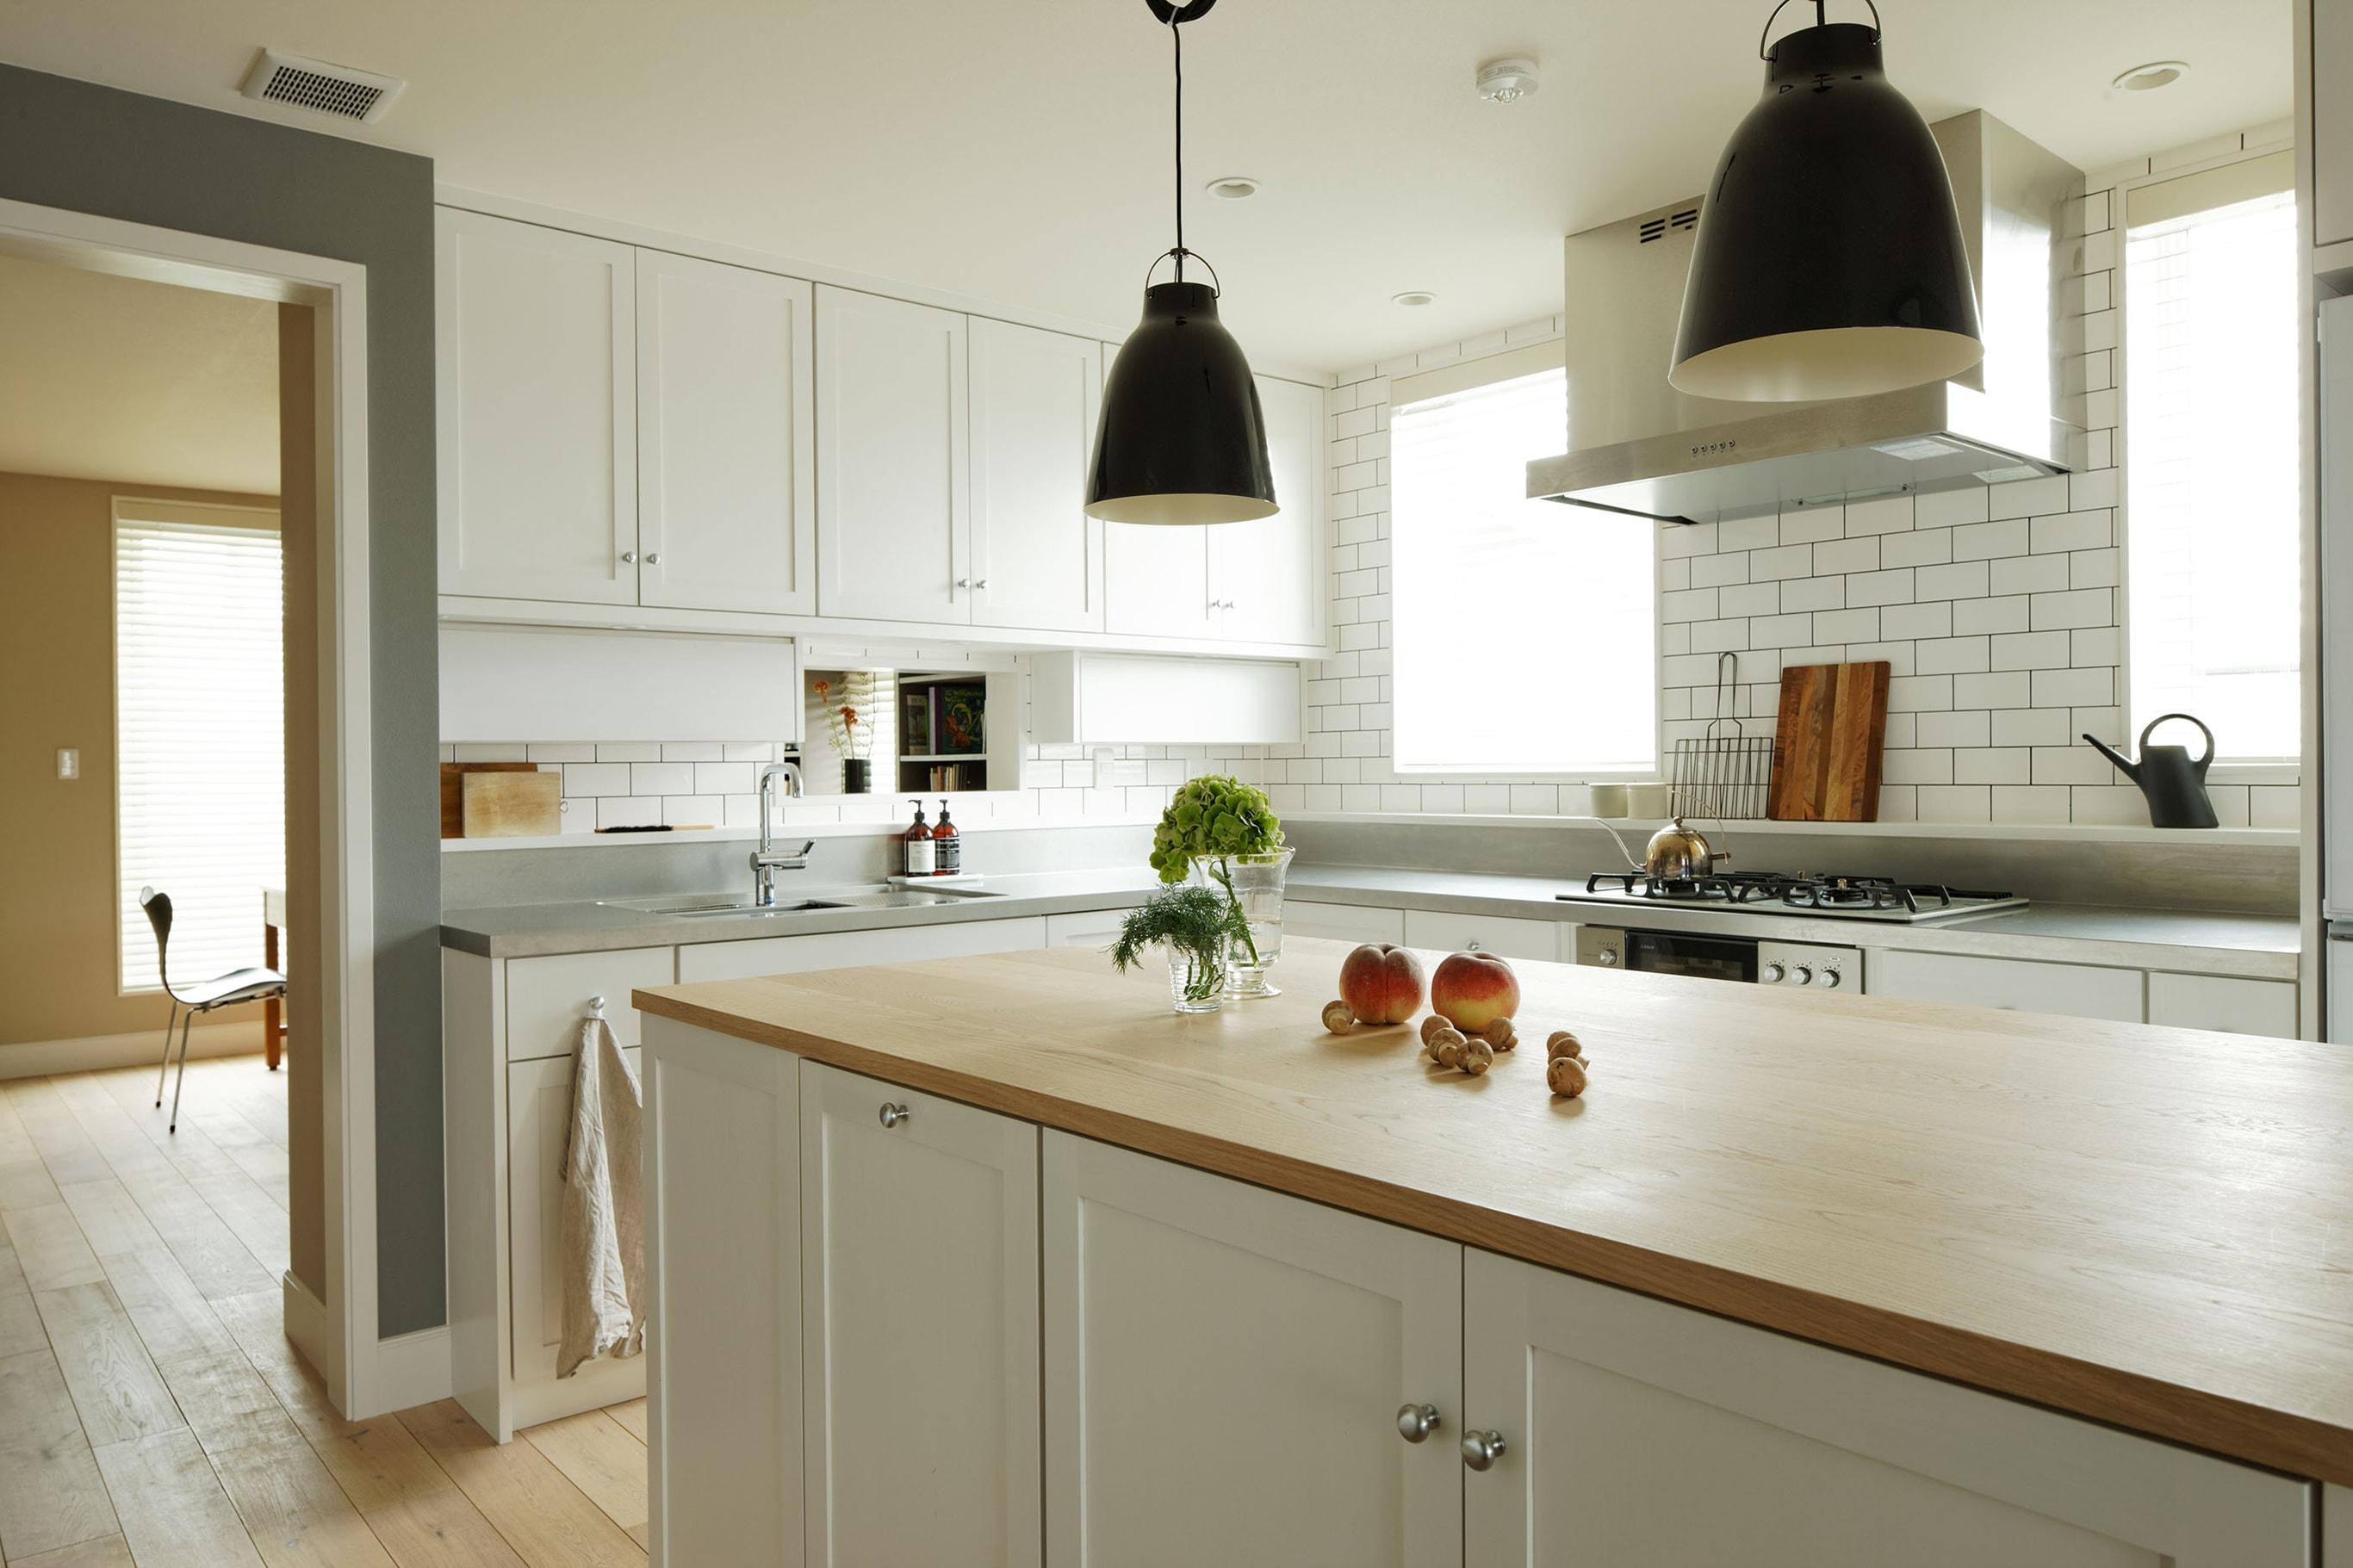 理想のドアを見つけたことから、オーダーキッチンがスタートした。キッチン製作とインテリアデザイン=FILE Photography by Ken Shirotani